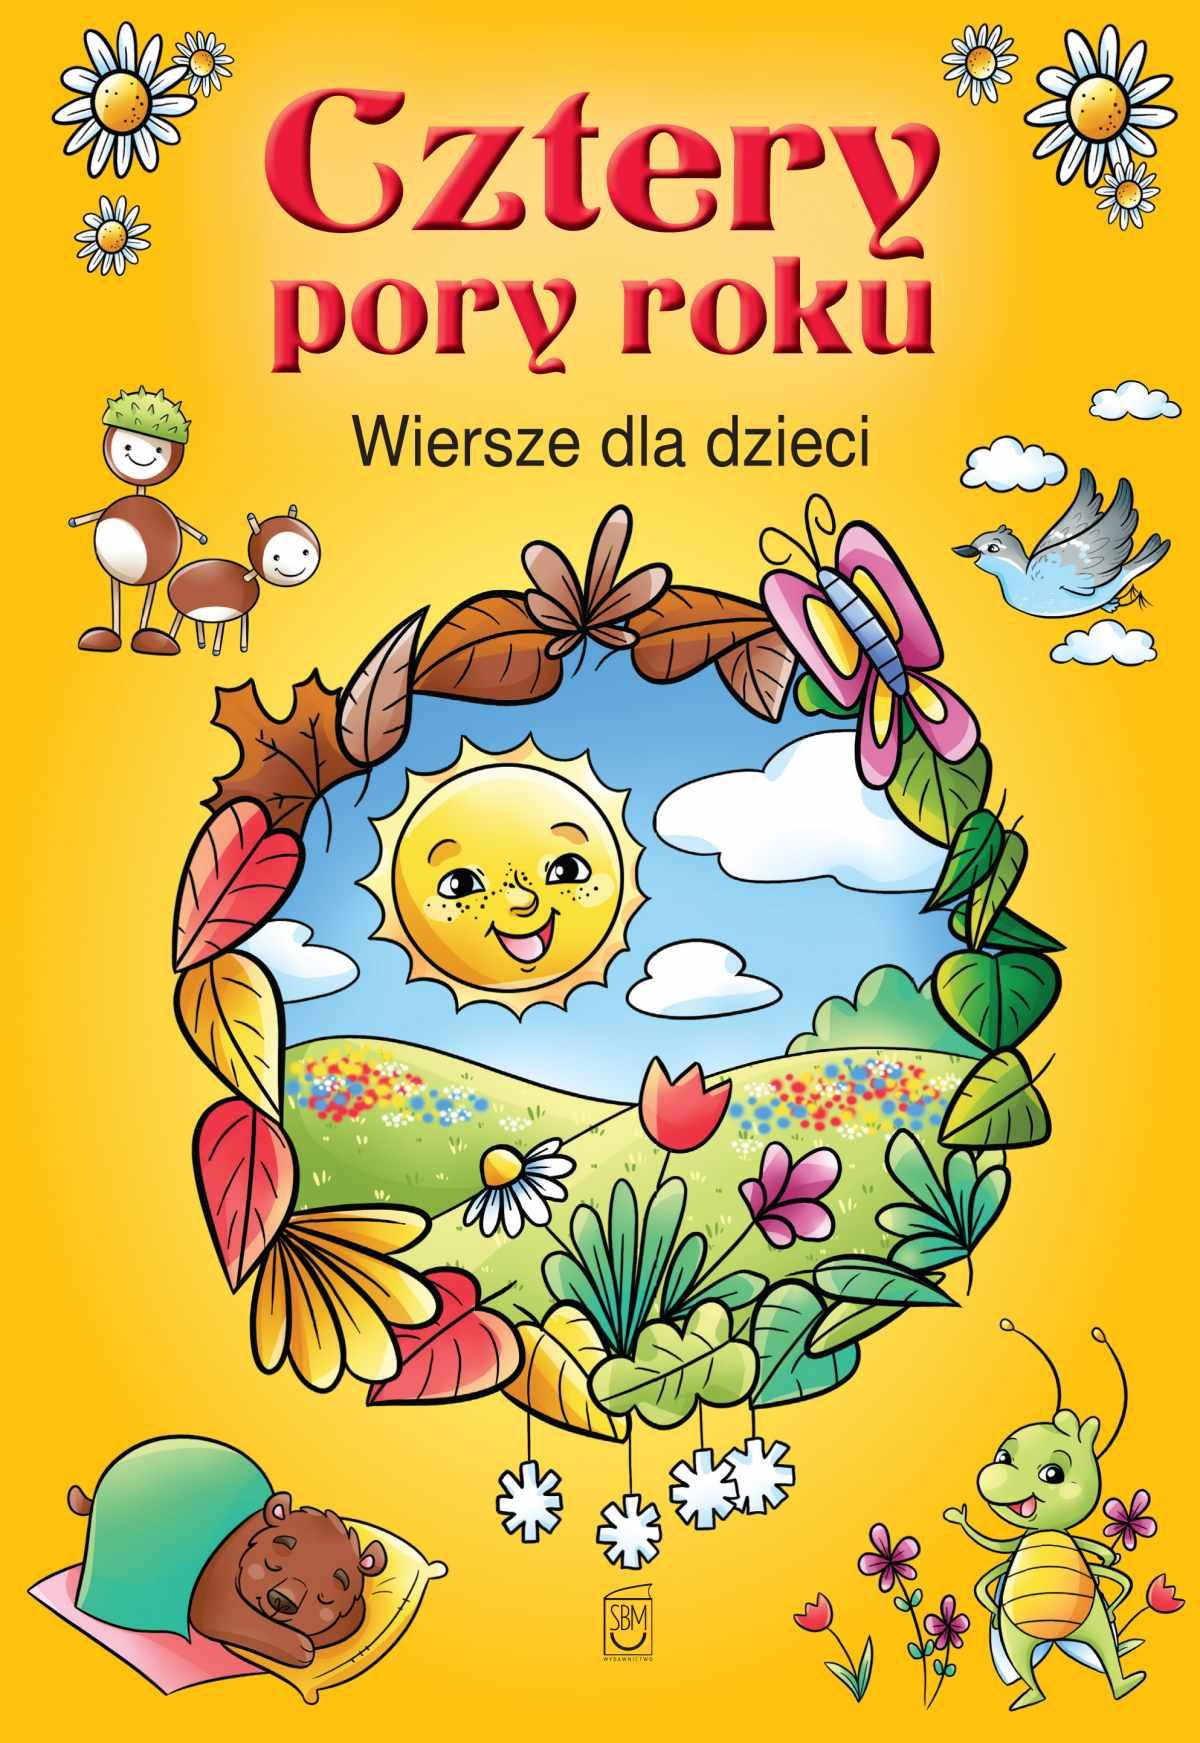 Cztery pory roku. Wiersze dla dzieci - Ebook (Książka PDF) do pobrania w formacie PDF